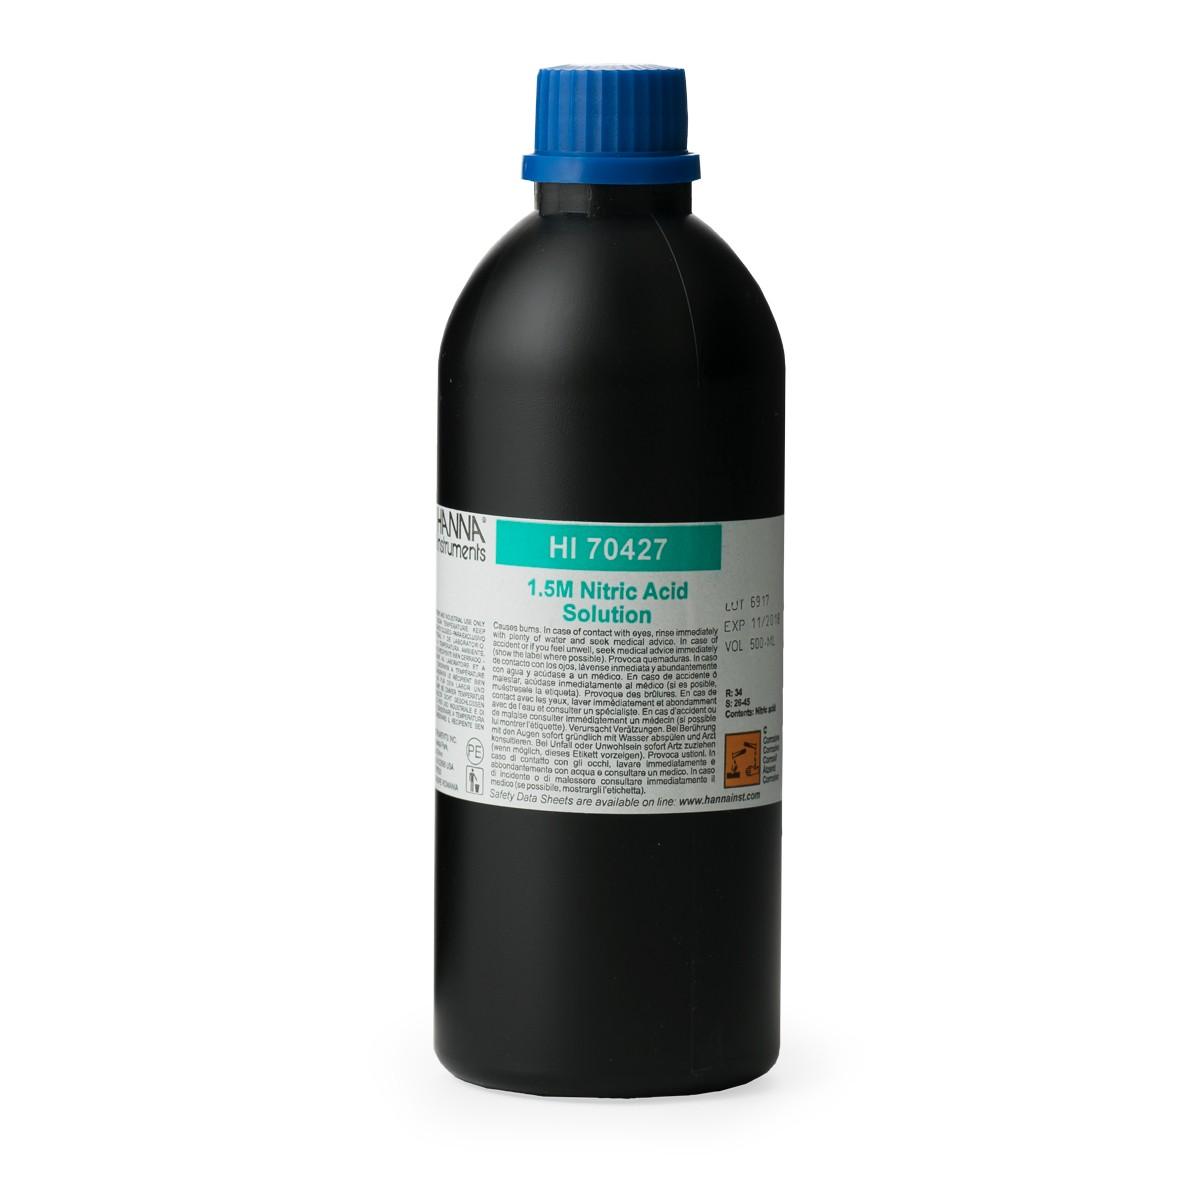 Solución de Ácido Nítrico 1.5 M, 500 mL - HI70427